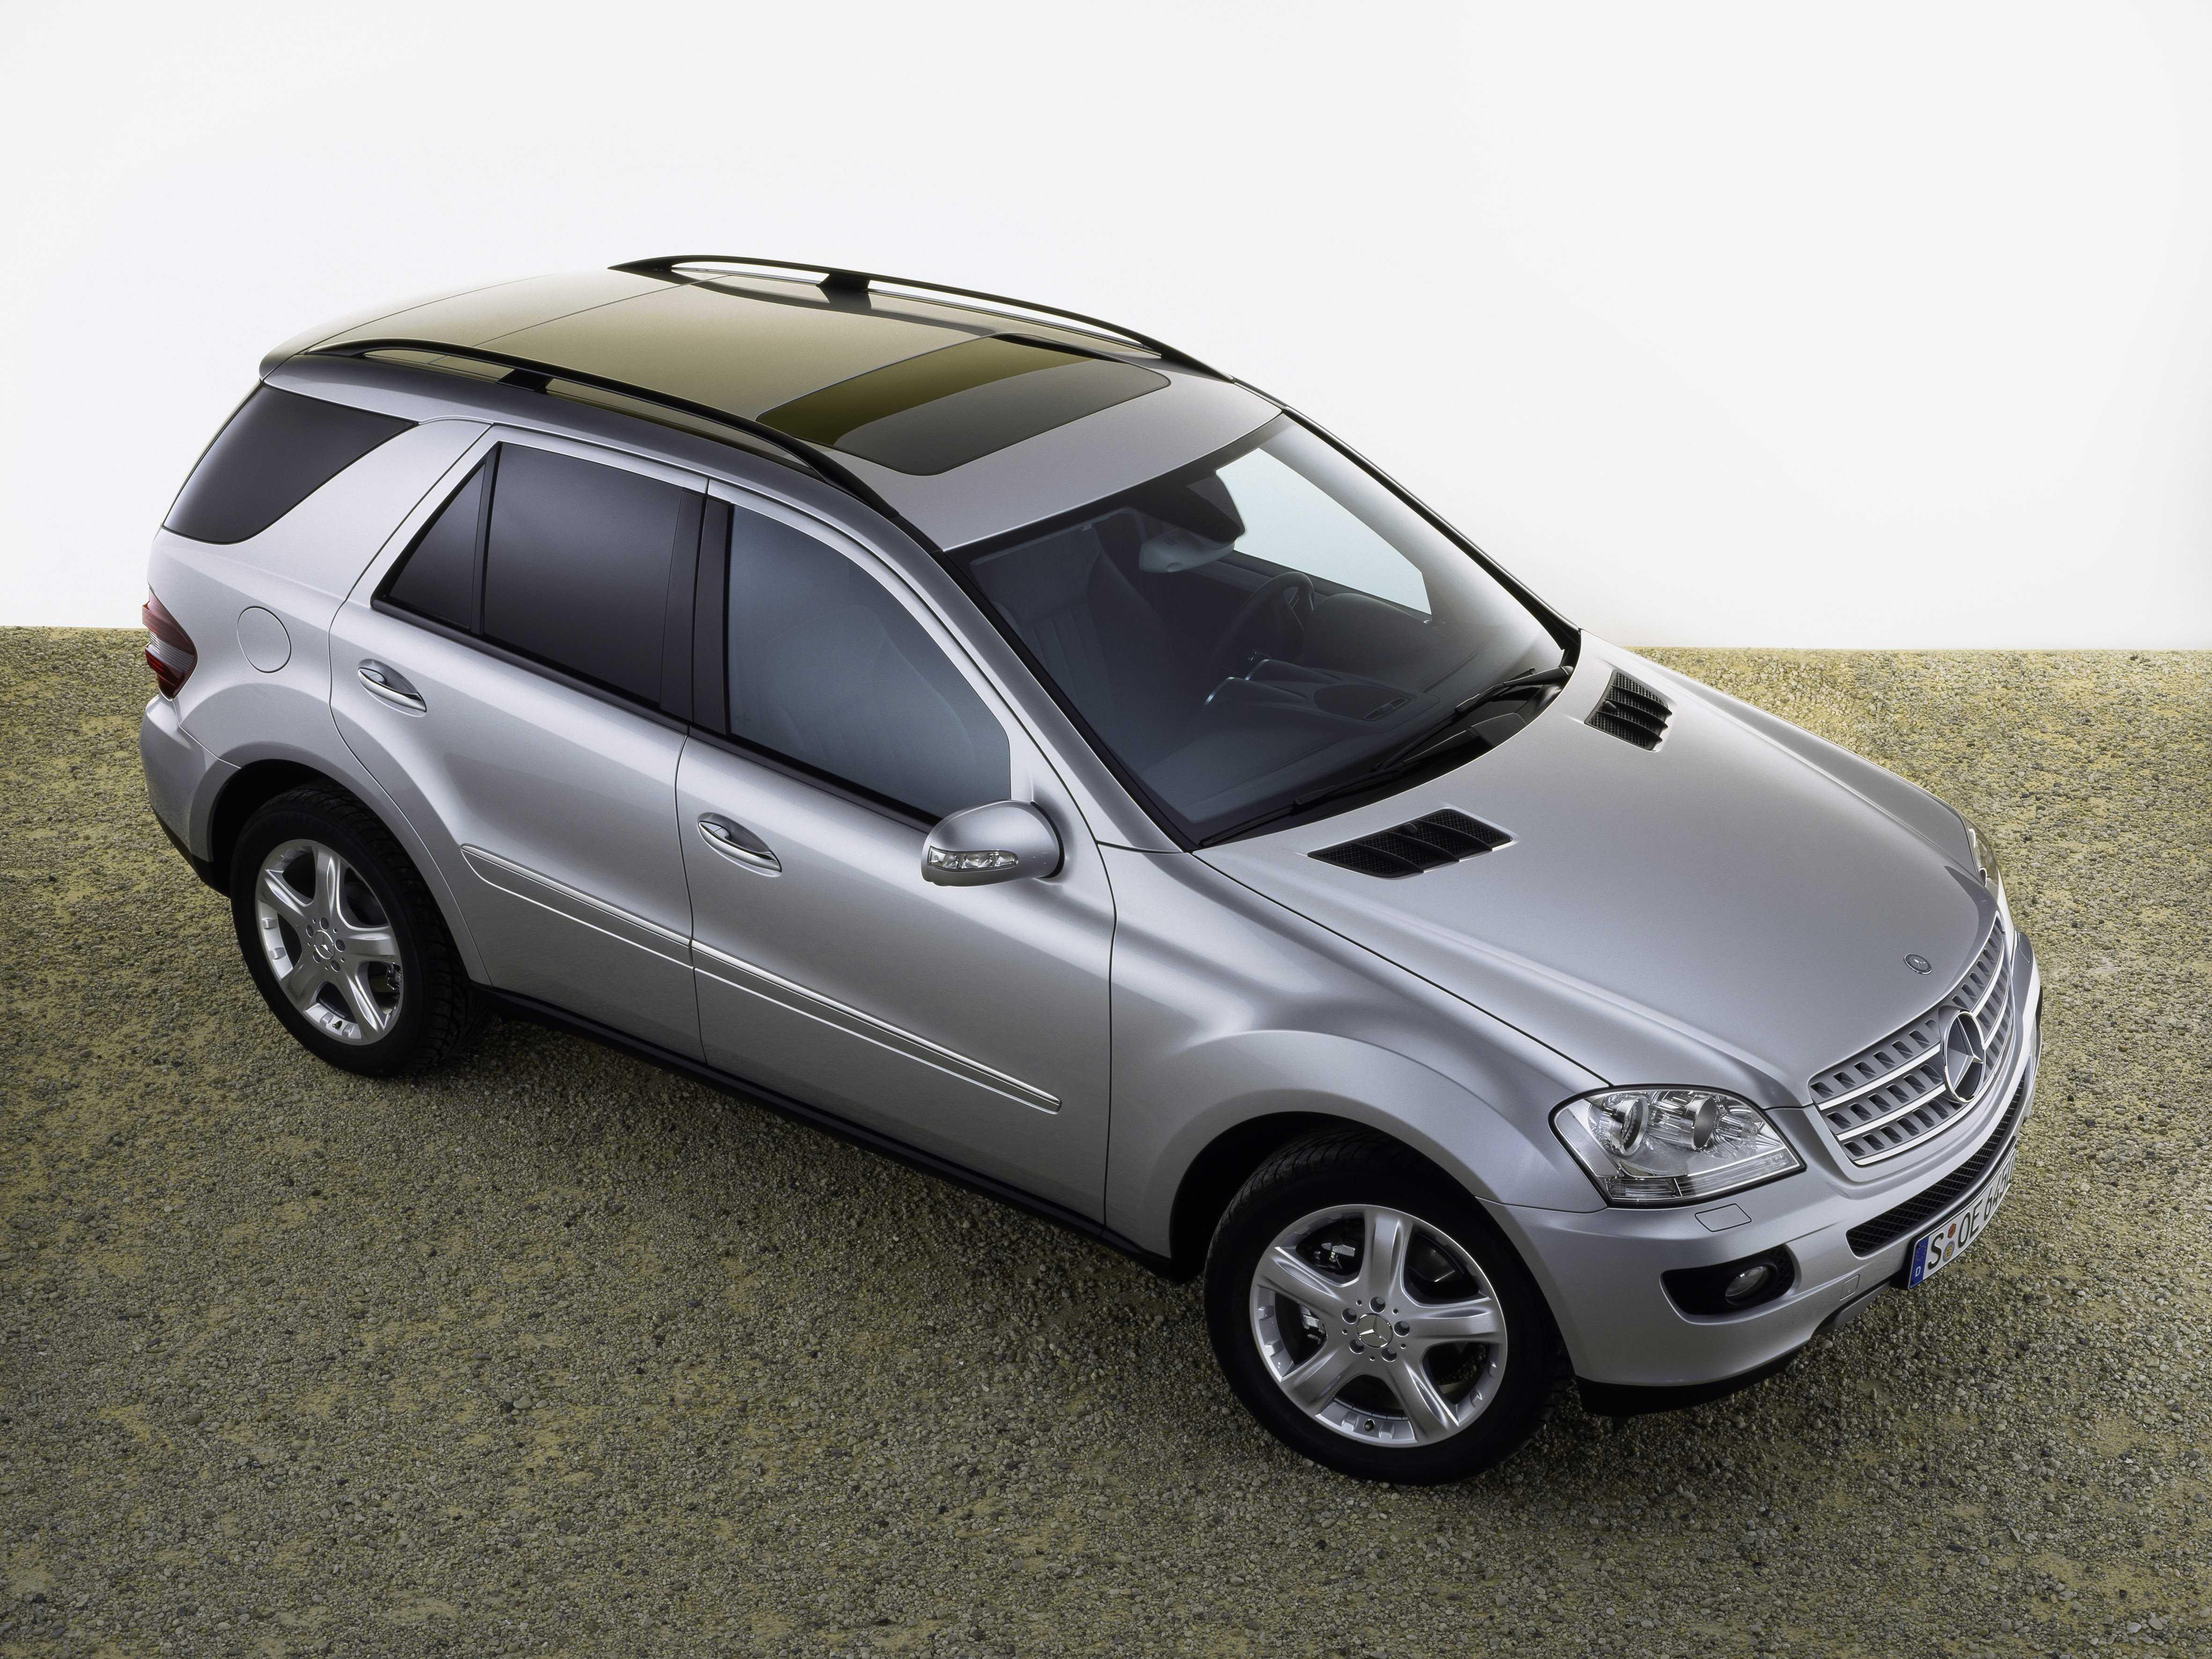 Mercedes Benz ML 350 4MATIC 7G Tronic